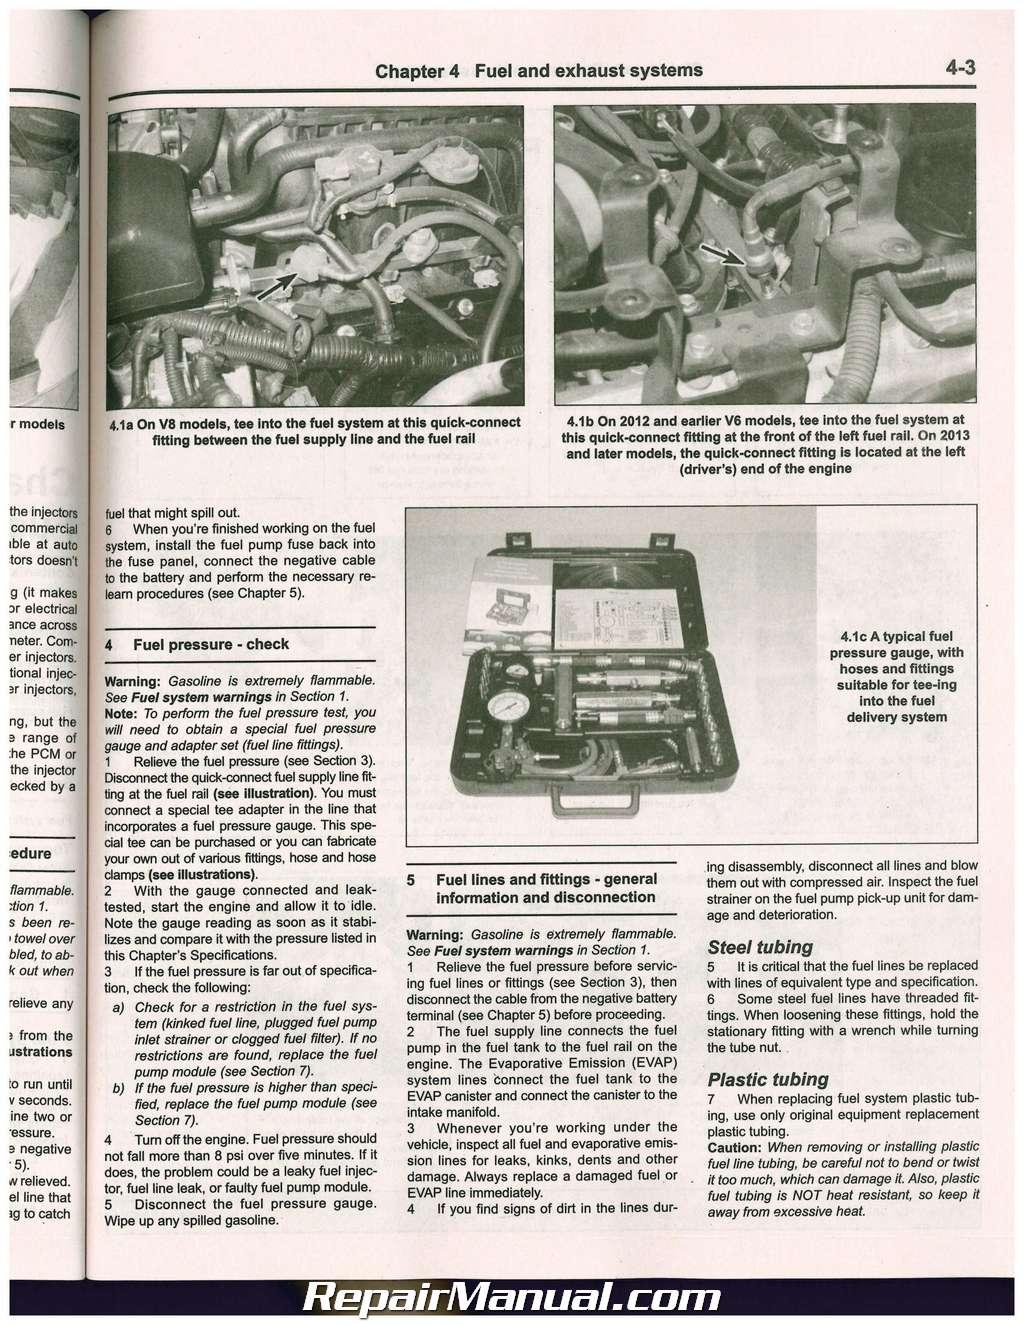 nissan pathfinder 2005 2014 haynes suv repair manual rh repairmanual com 2005 Nissan Pathfinder Le 04 Pathfinder